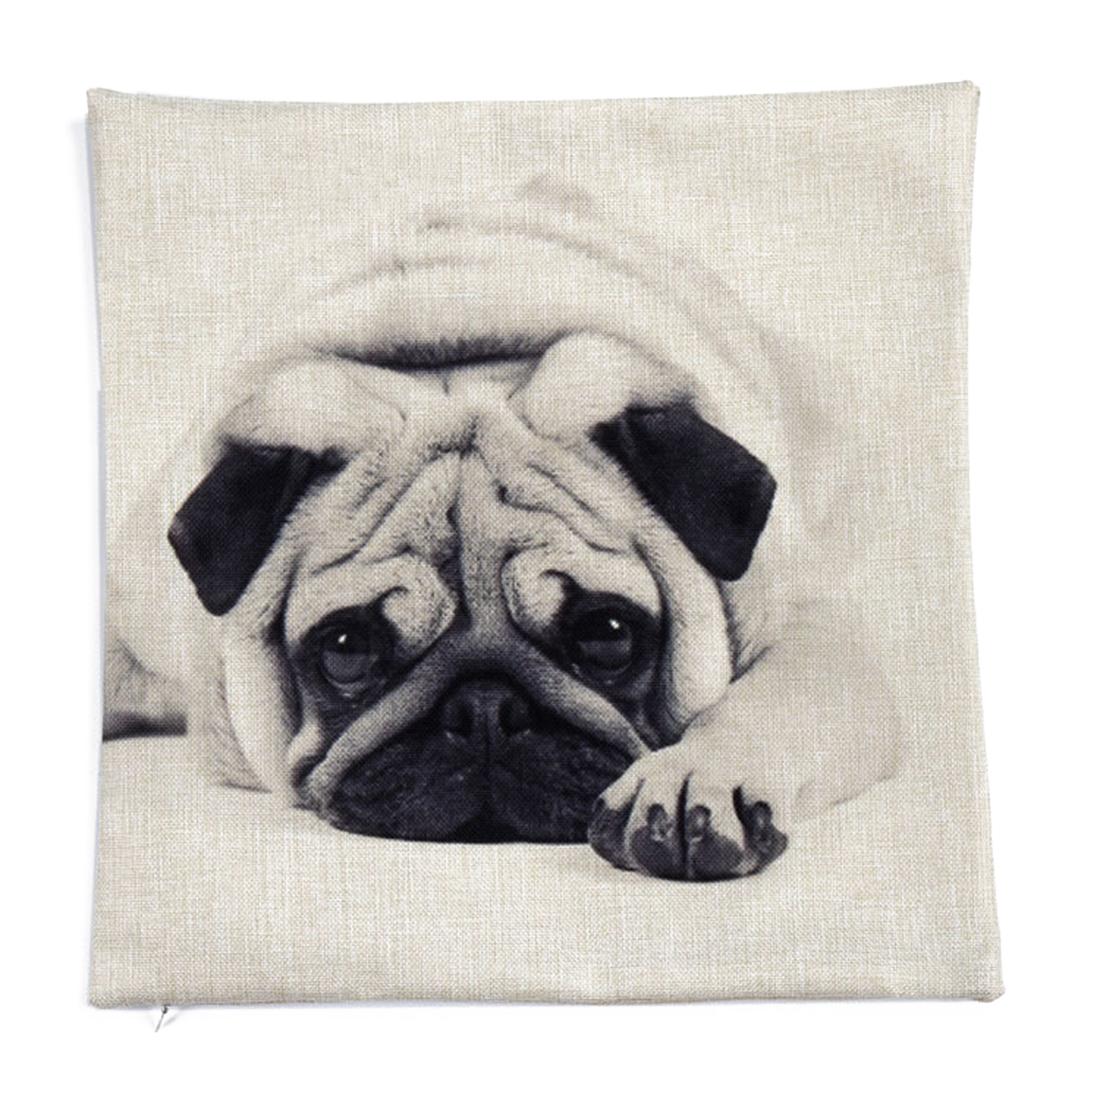 Piccocasa Home Decor Dog Print Waist Cushion Pillow Cover Case 45 x 45cm